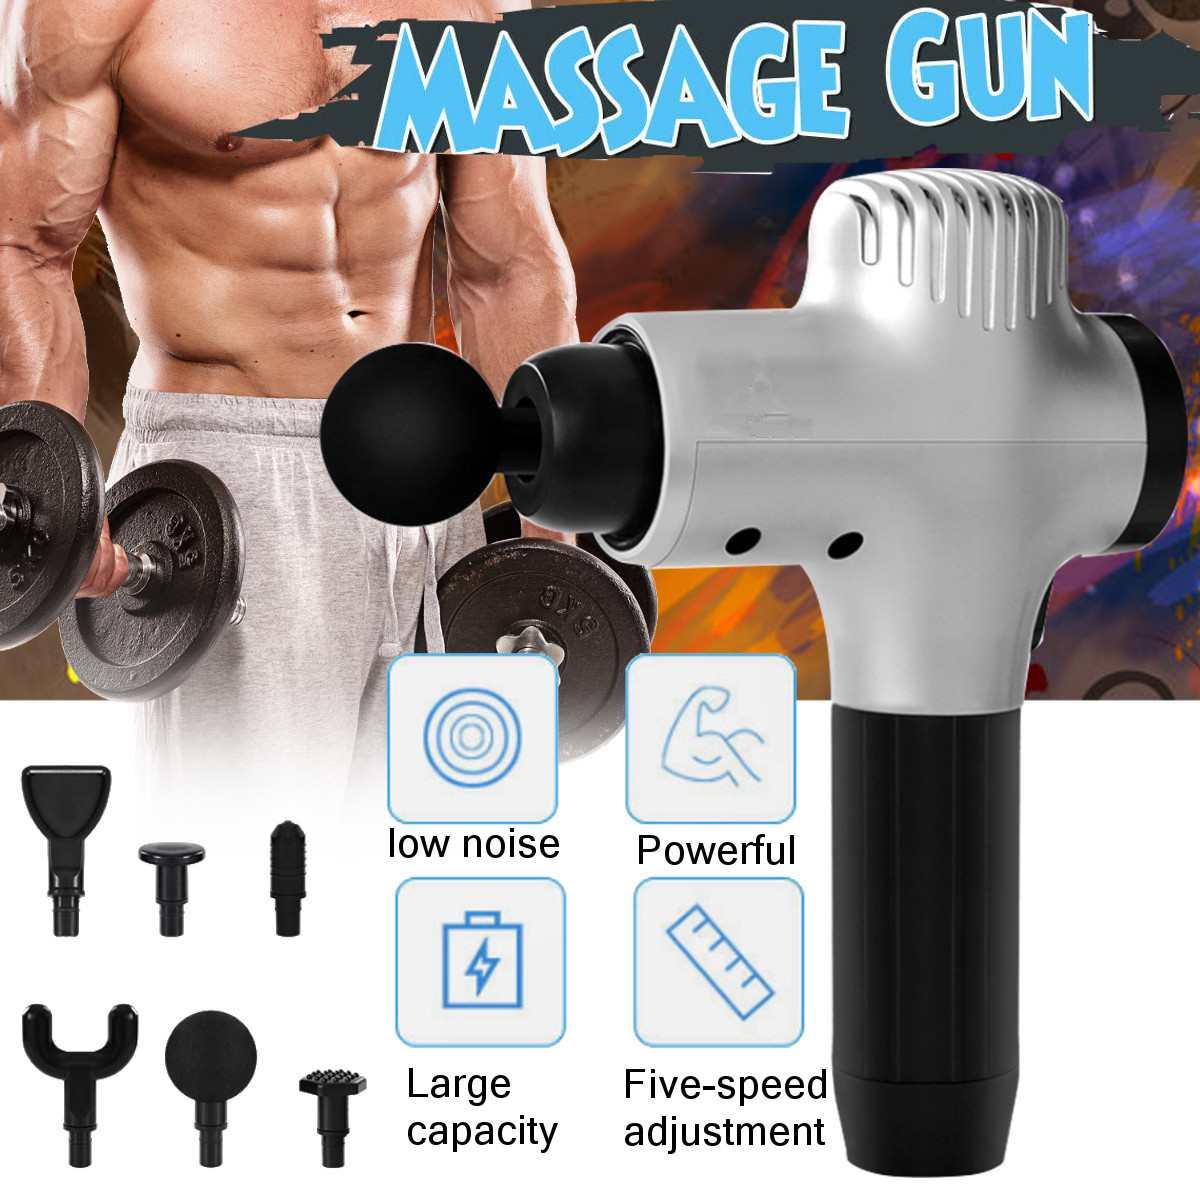 Appareil de Massage hyper-ajusté pour les muscles silencieux appareil de Massage musculaire pour le Sport appareil de Massage en profondeur pour le corps détendez-vous avec 6 têtes de Massage